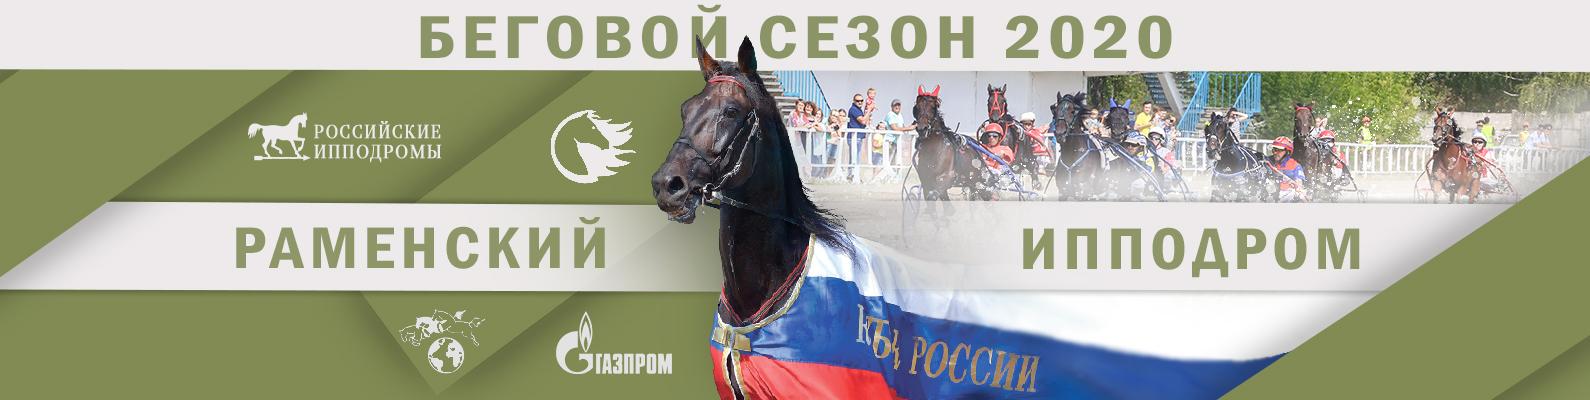 VK_Обложка для группыБОЛ